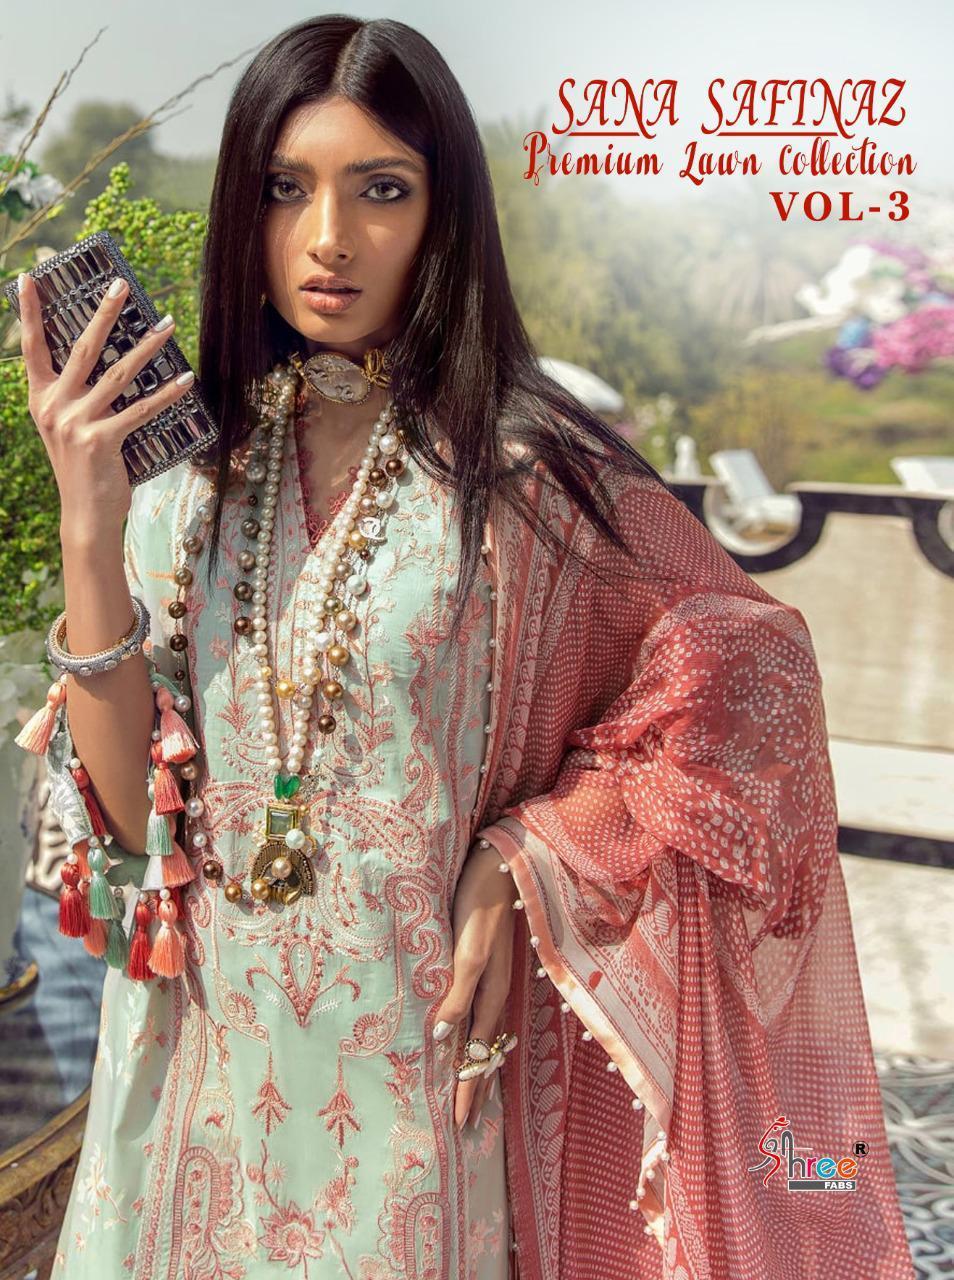 Shree Fabs Sana Safinaz Premium Lawn Collection Vol 3 Salwar Suit Wholesale Catalog 8 Pcs 1 - Shree Fabs Sana Safinaz Premium Lawn Collection Vol 3 Salwar Suit Wholesale Catalog 8 Pcs